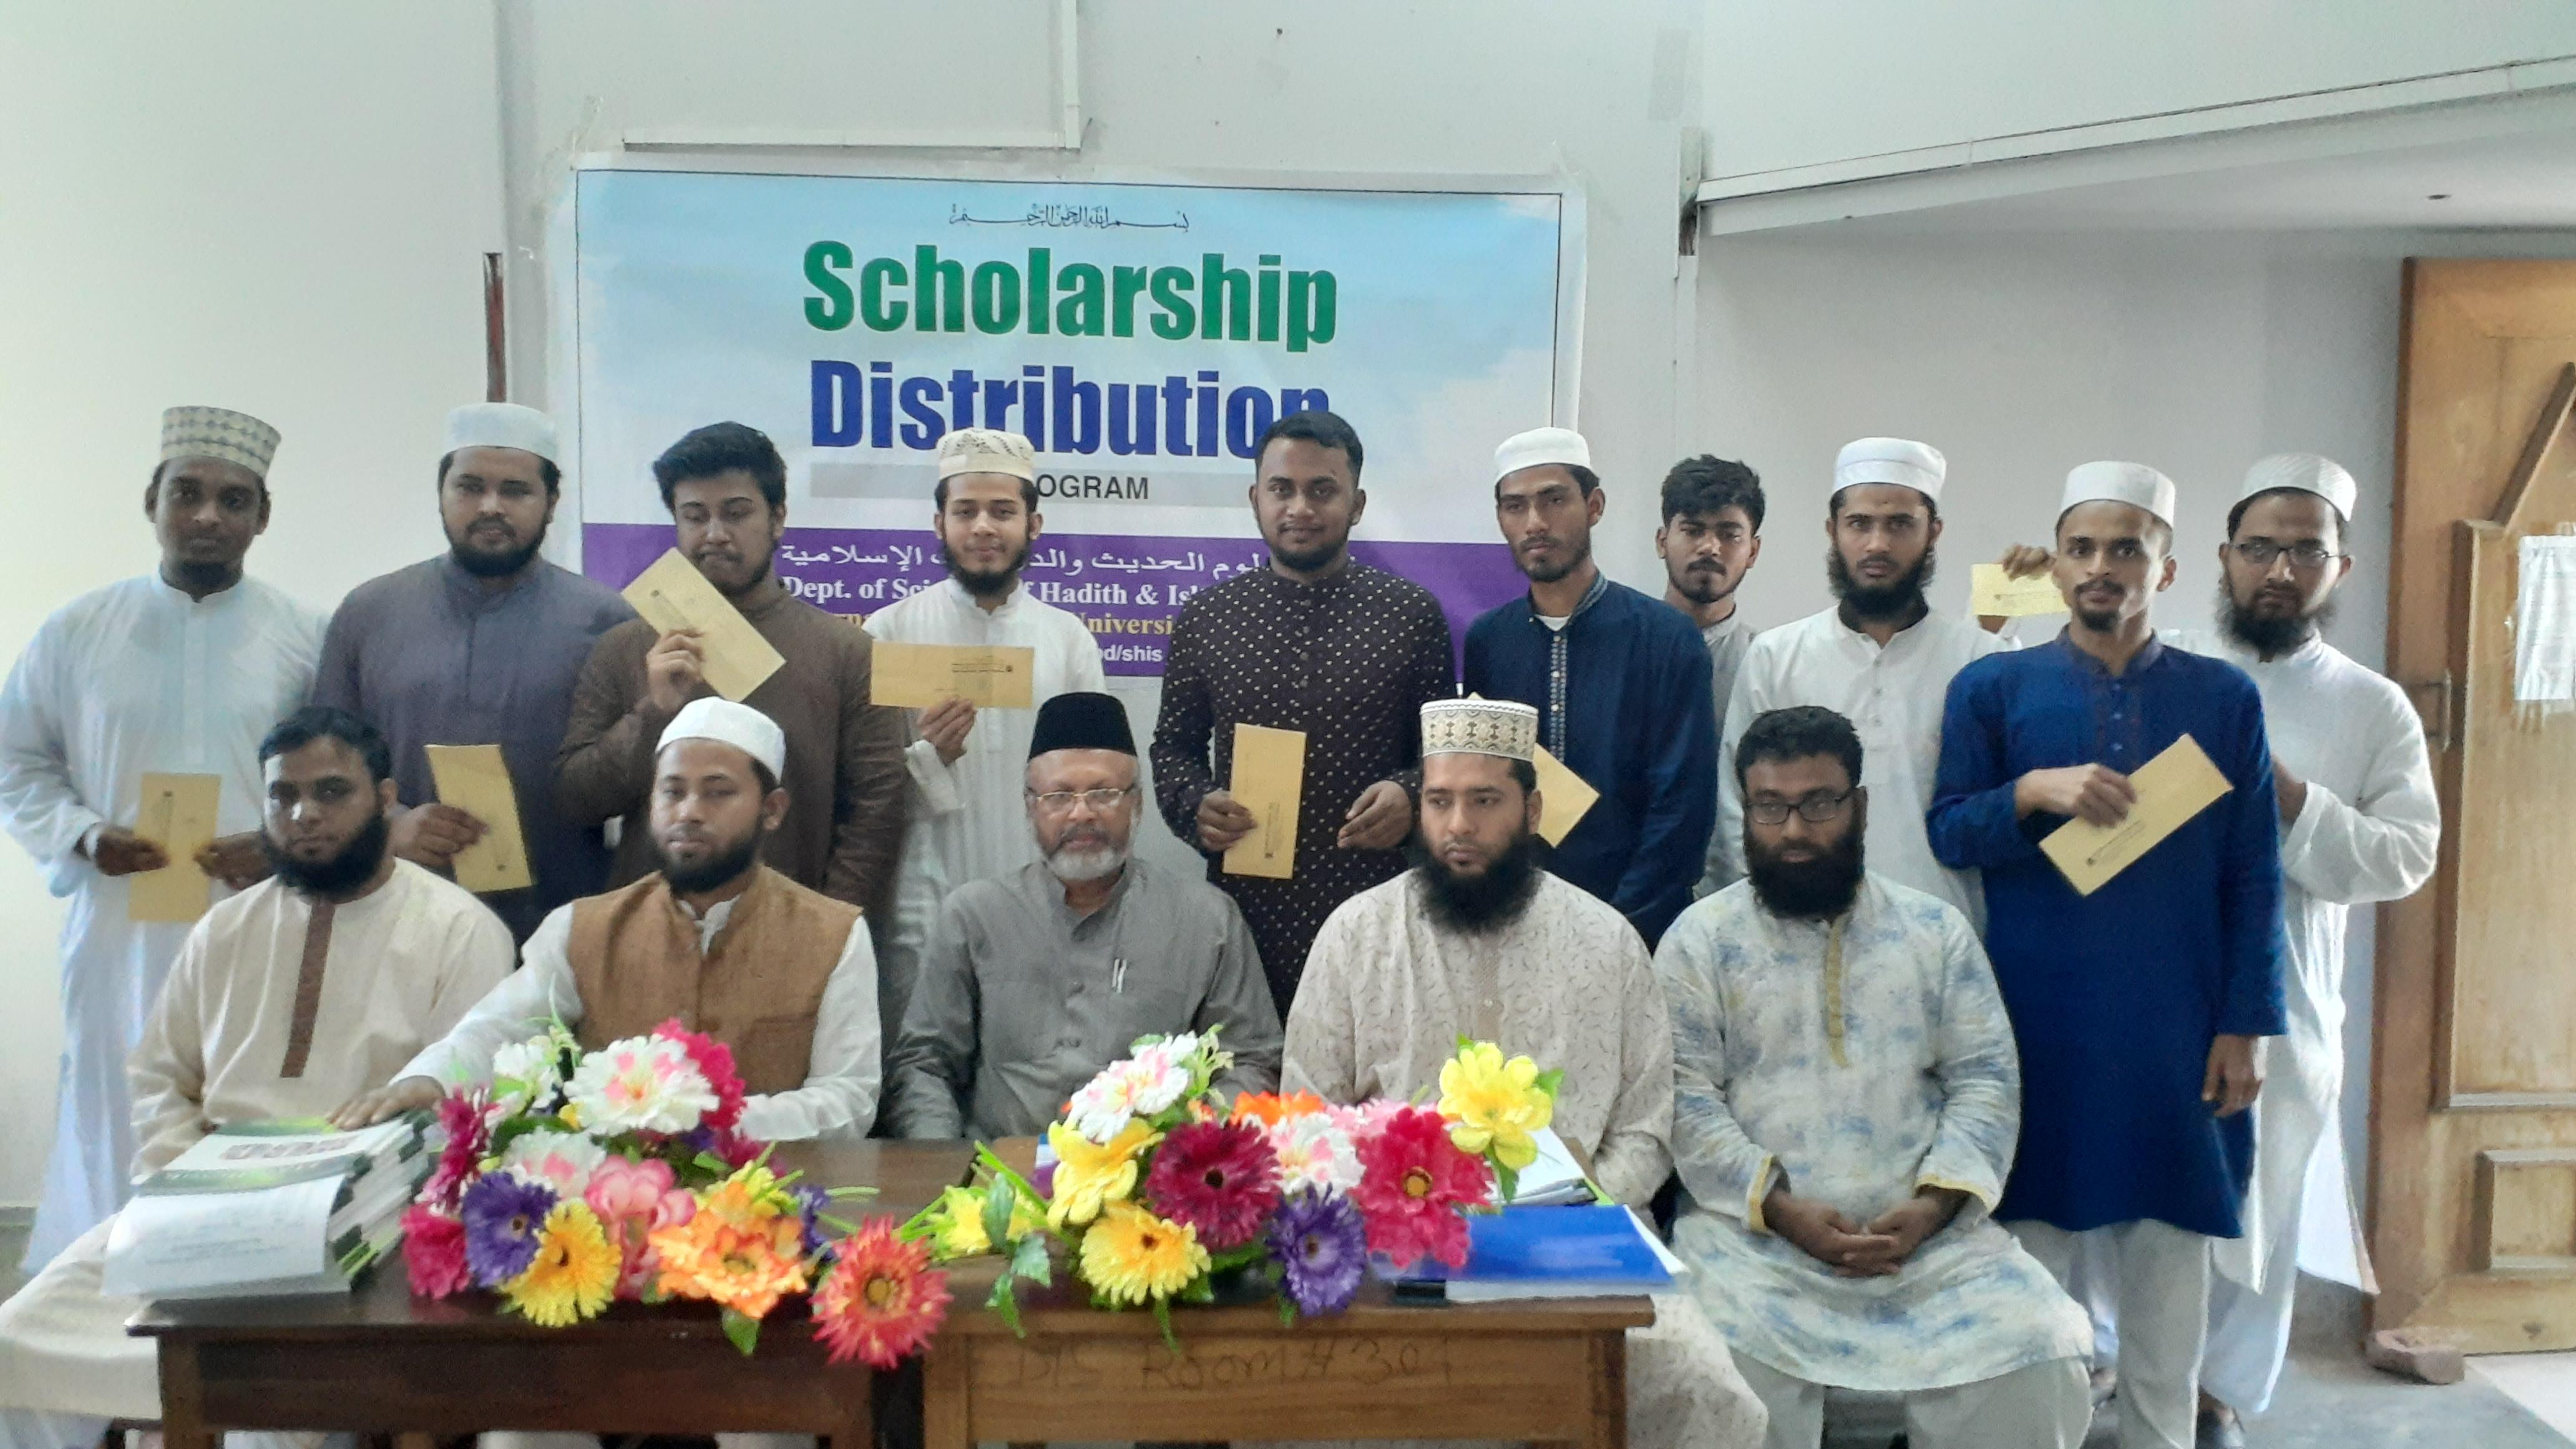 হাদিস বিভাগের Scholarship Distribution প্রোগ্রাম অনুষ্ঠিত